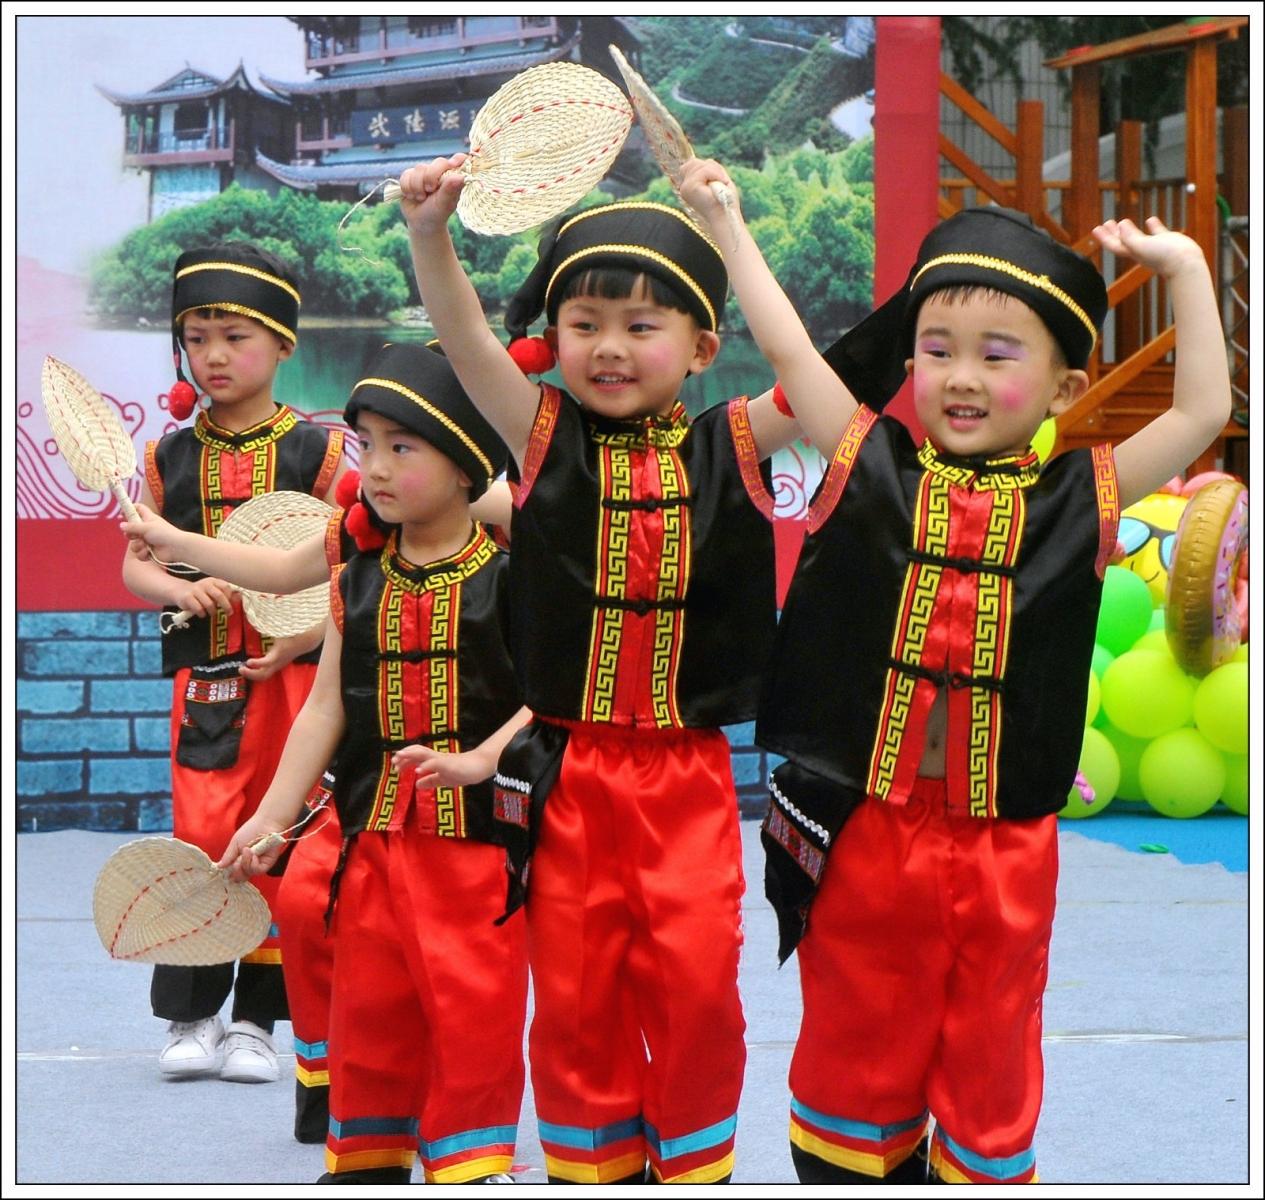 六一儿童节(诗文)_图1-8